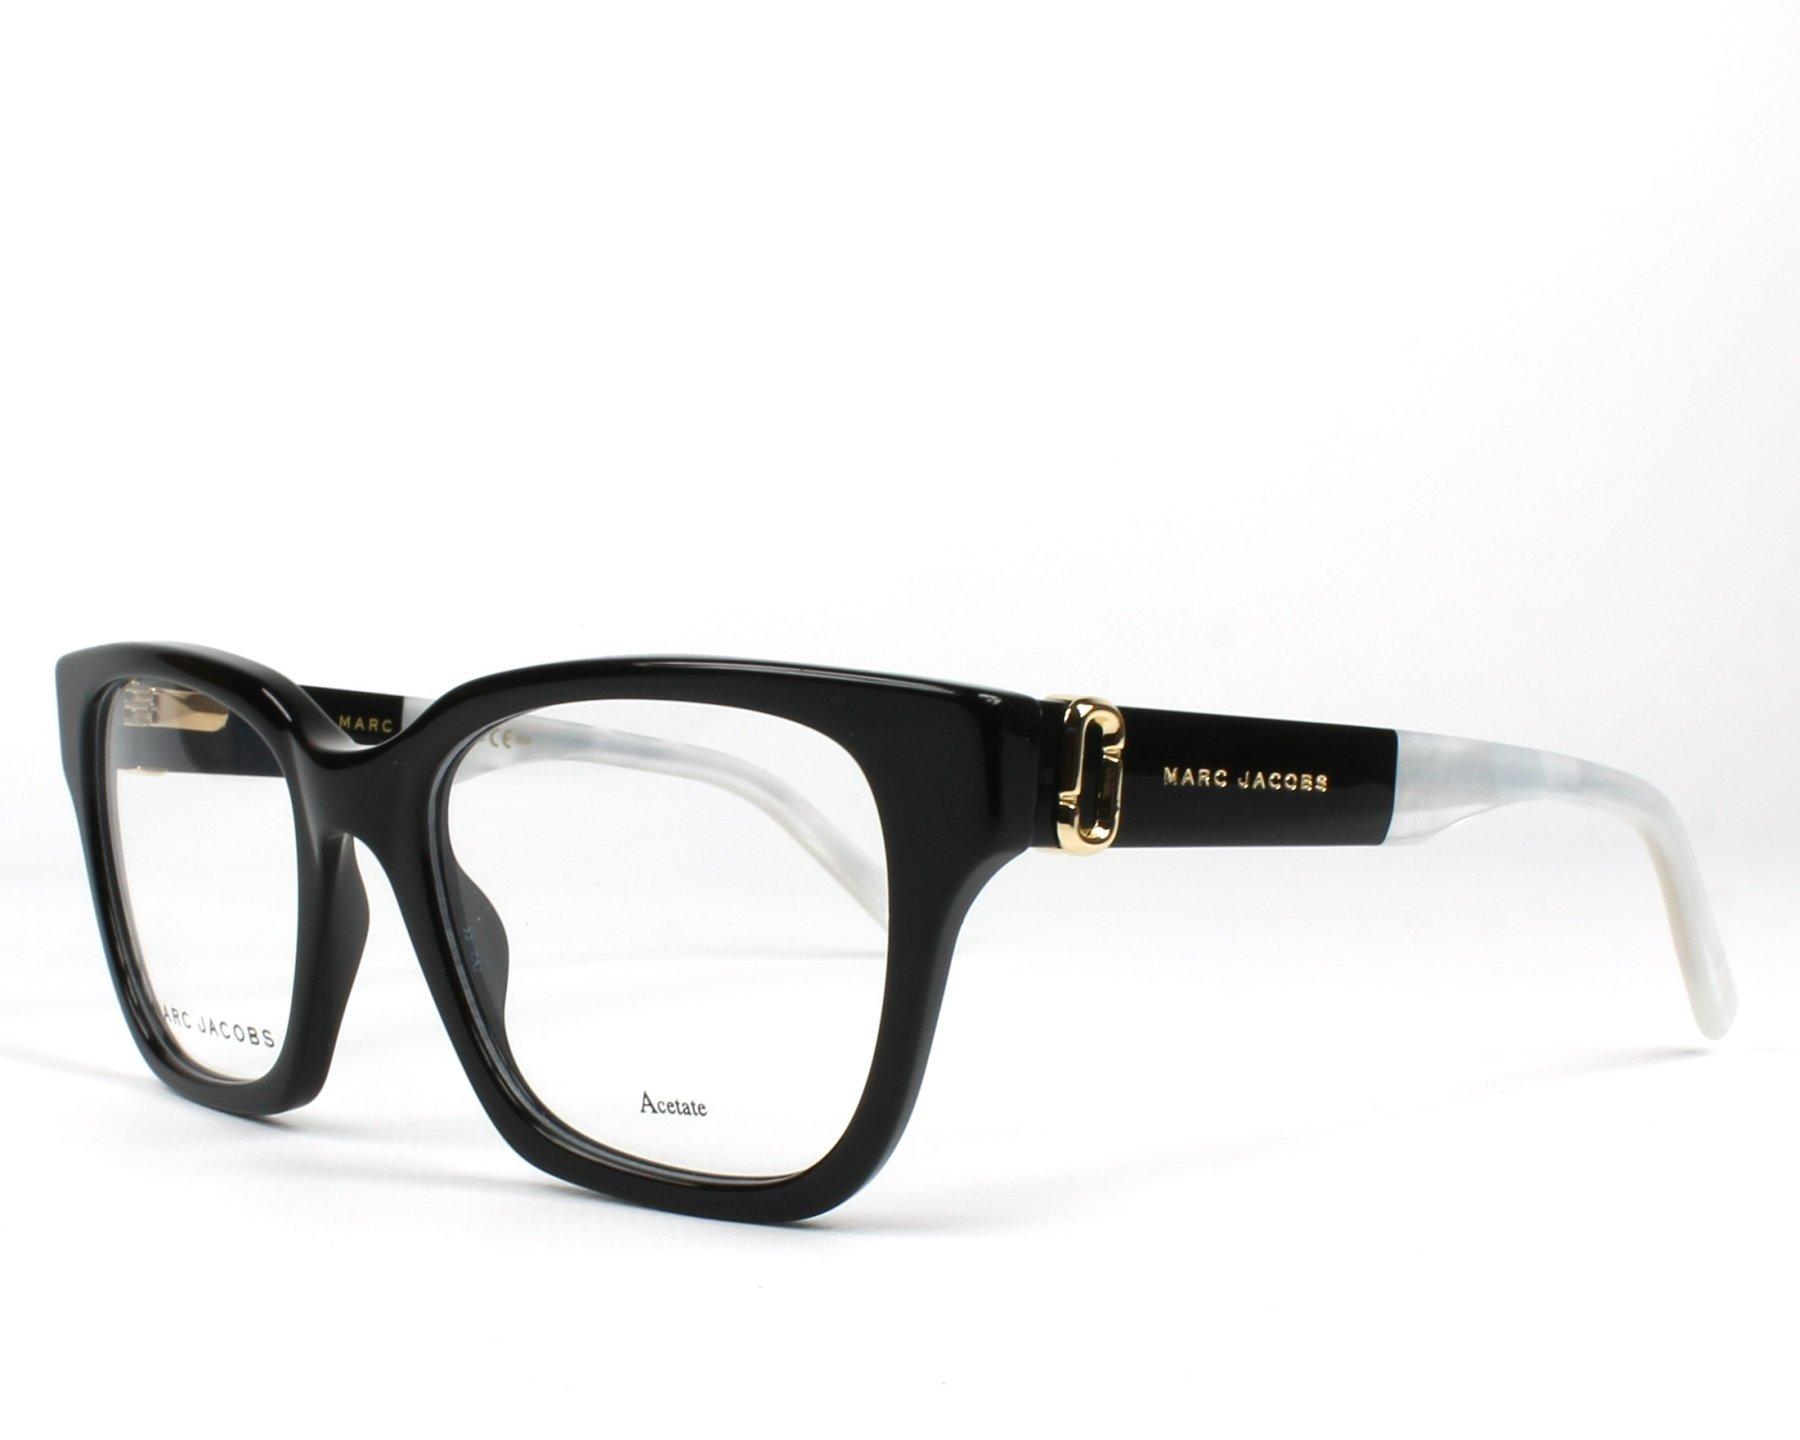 50a17bfe635c0 Lunettes de vue Marc Jacobs MARC-250 807 51-19 Noir Blanc vue de